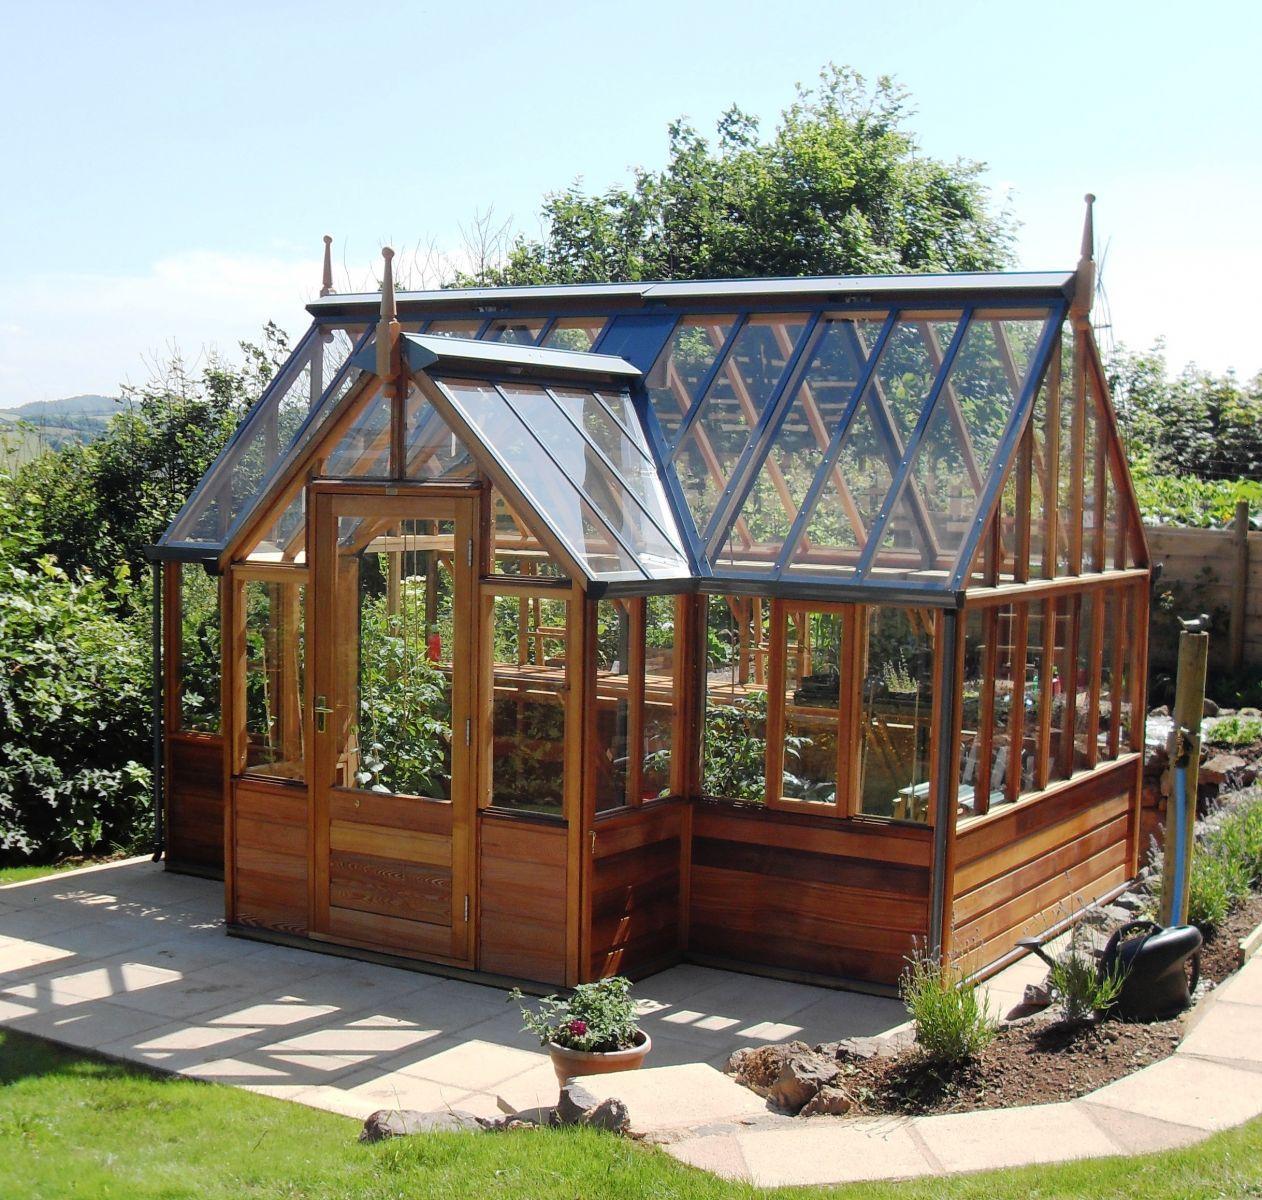 envie d 39 un abri de jardin lumineux jolies cabanes et verrieres pinterest serre abris de. Black Bedroom Furniture Sets. Home Design Ideas